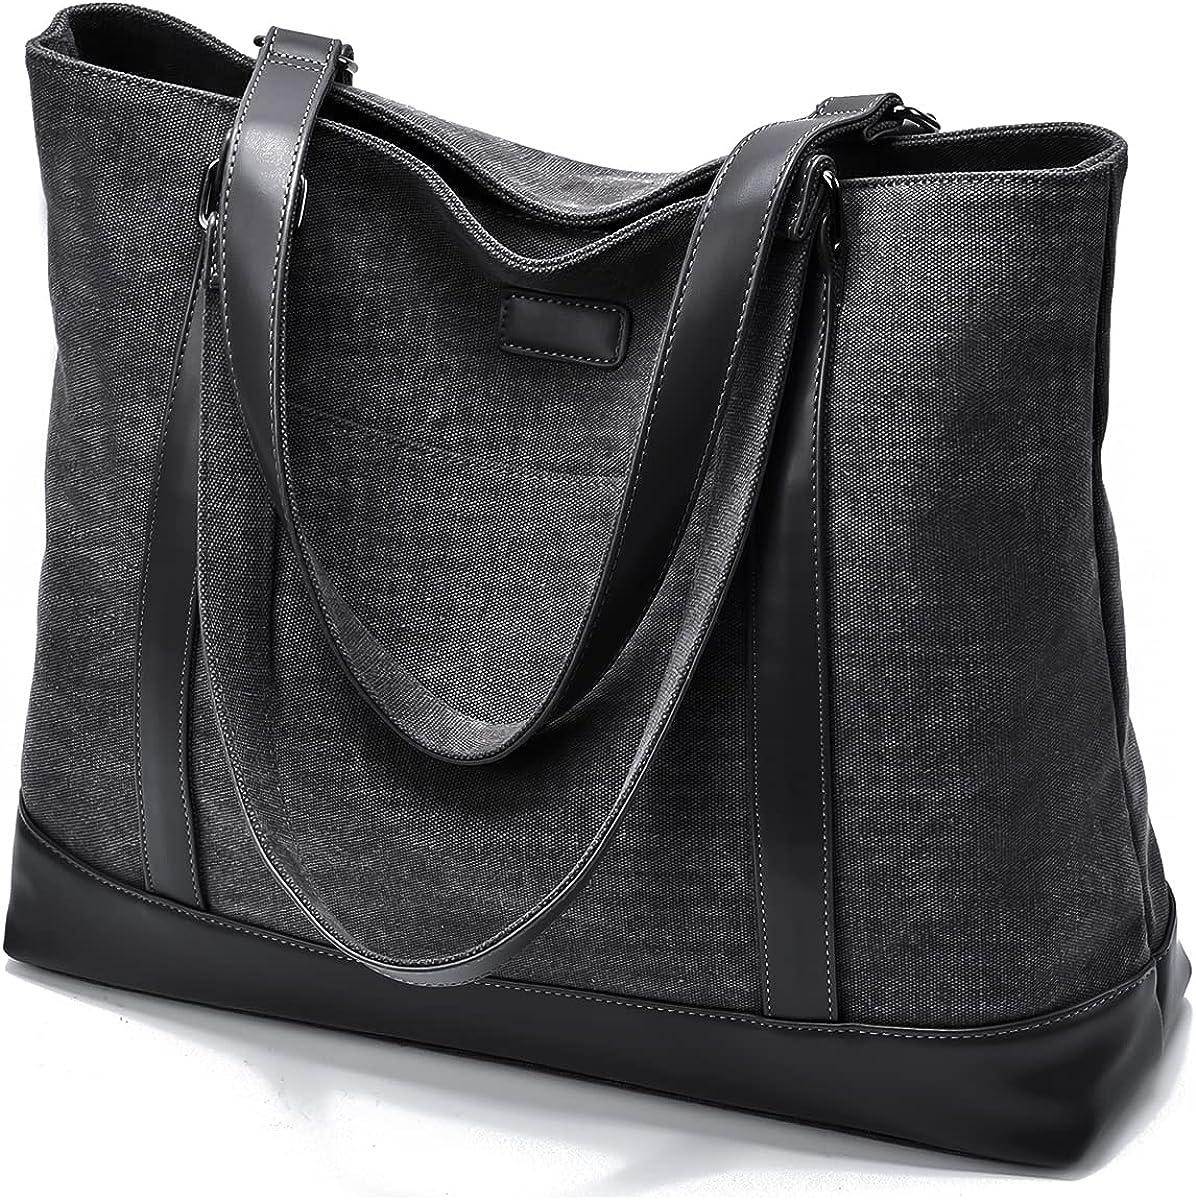 Black College Business Travel Blue Women Canvas Handbags Laptop Tote Bag Large Capacity Top Handle Bag Shoulder Bag Designer Purse for Work